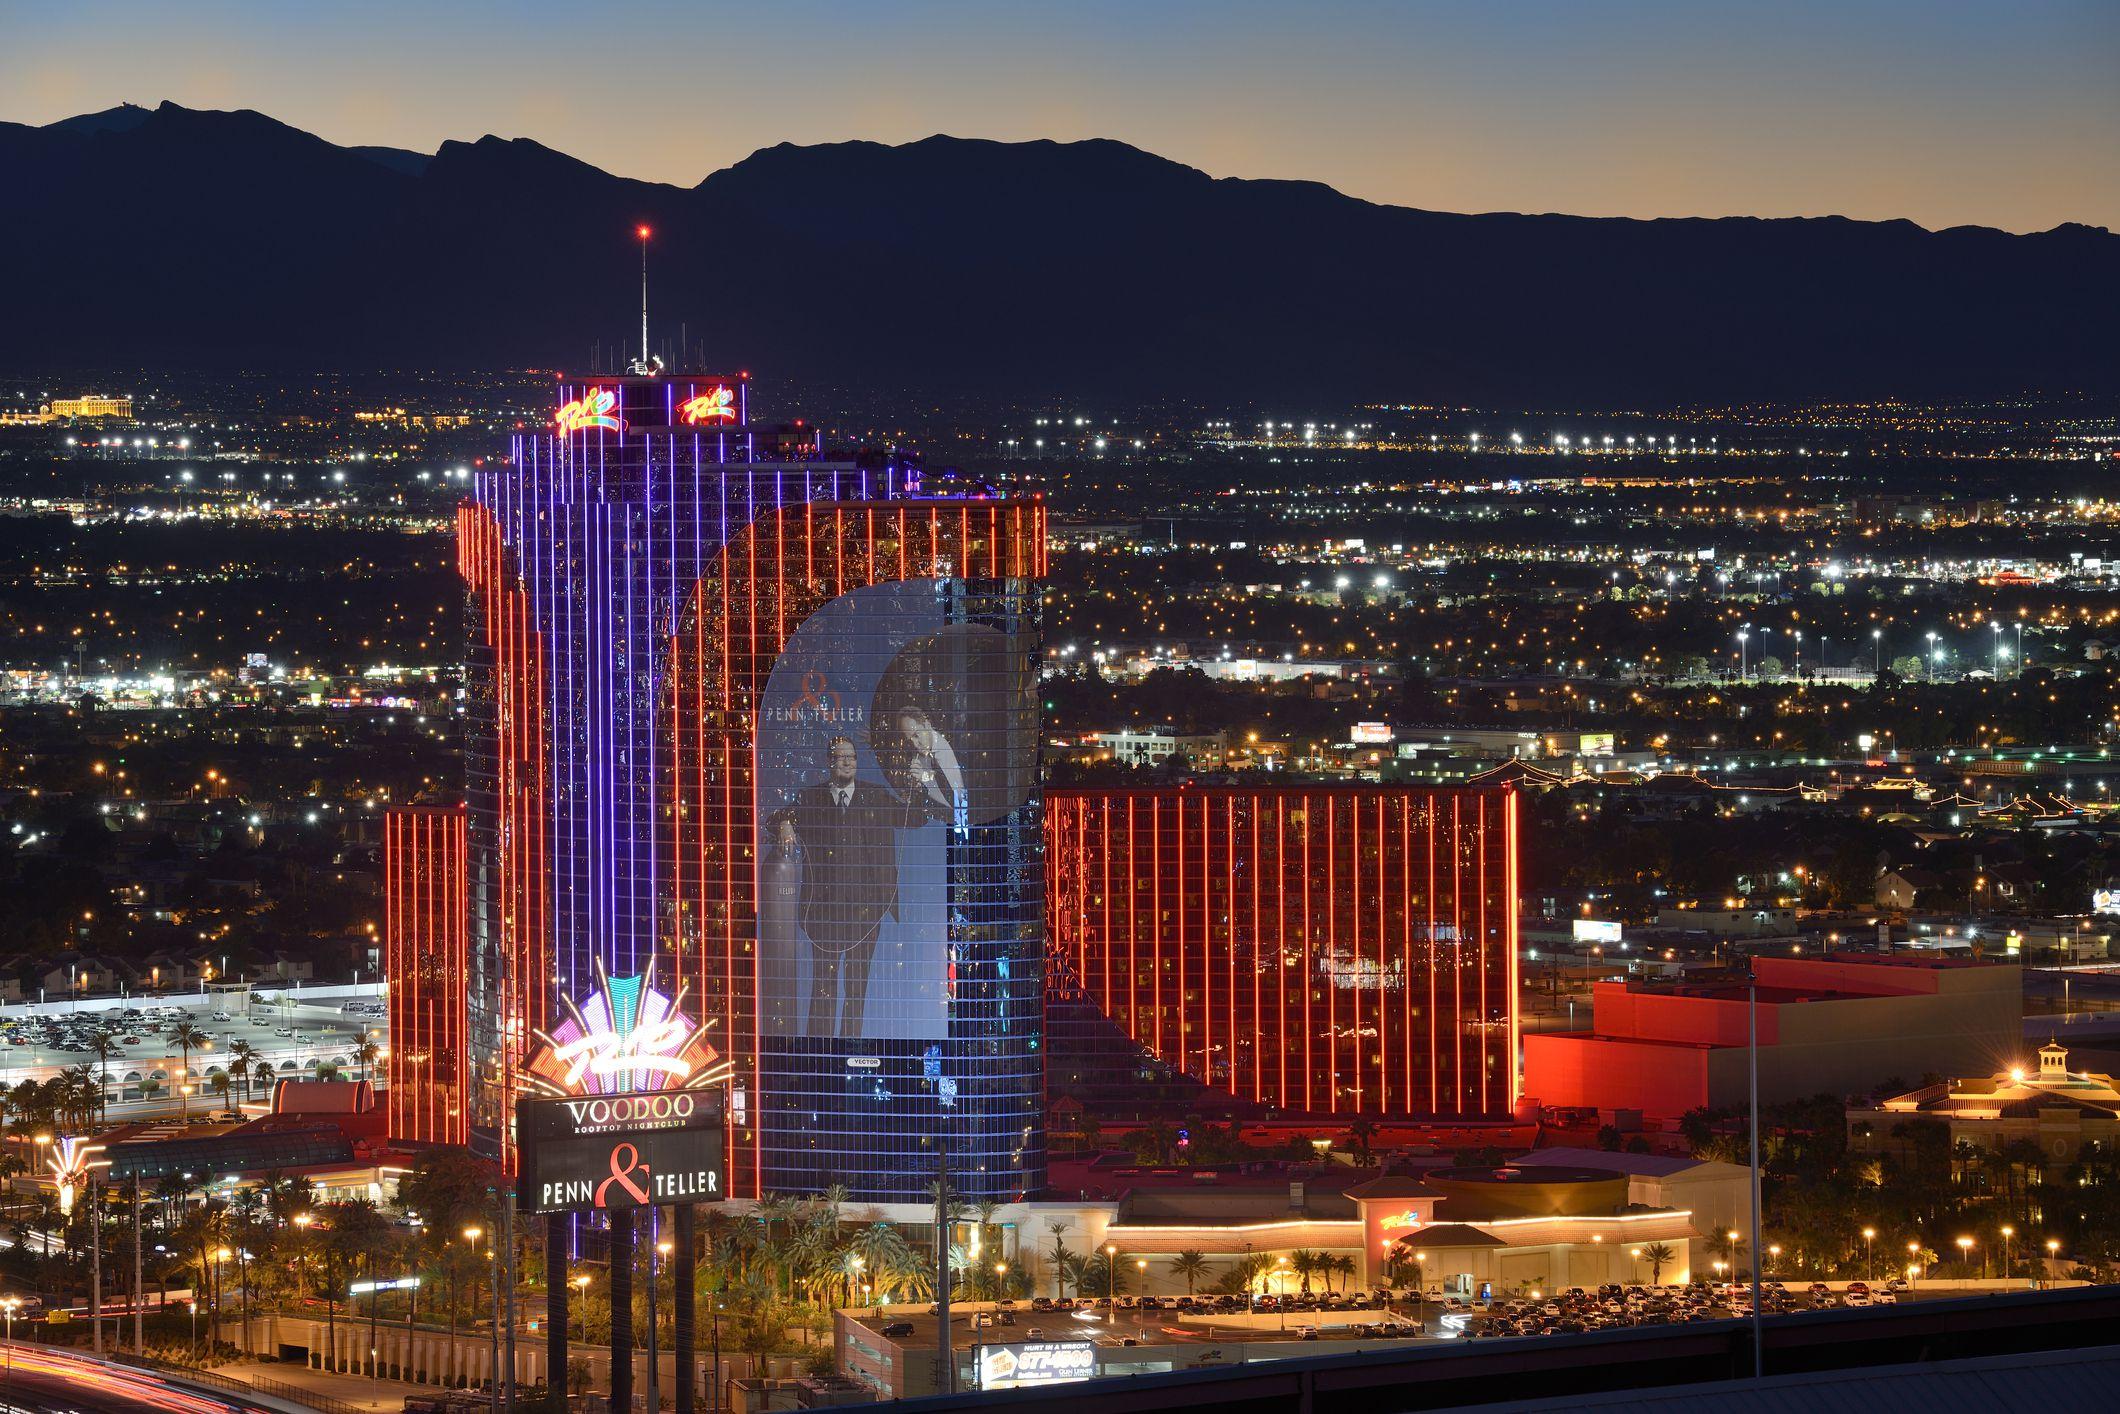 Rio Hotel In Las Vegas